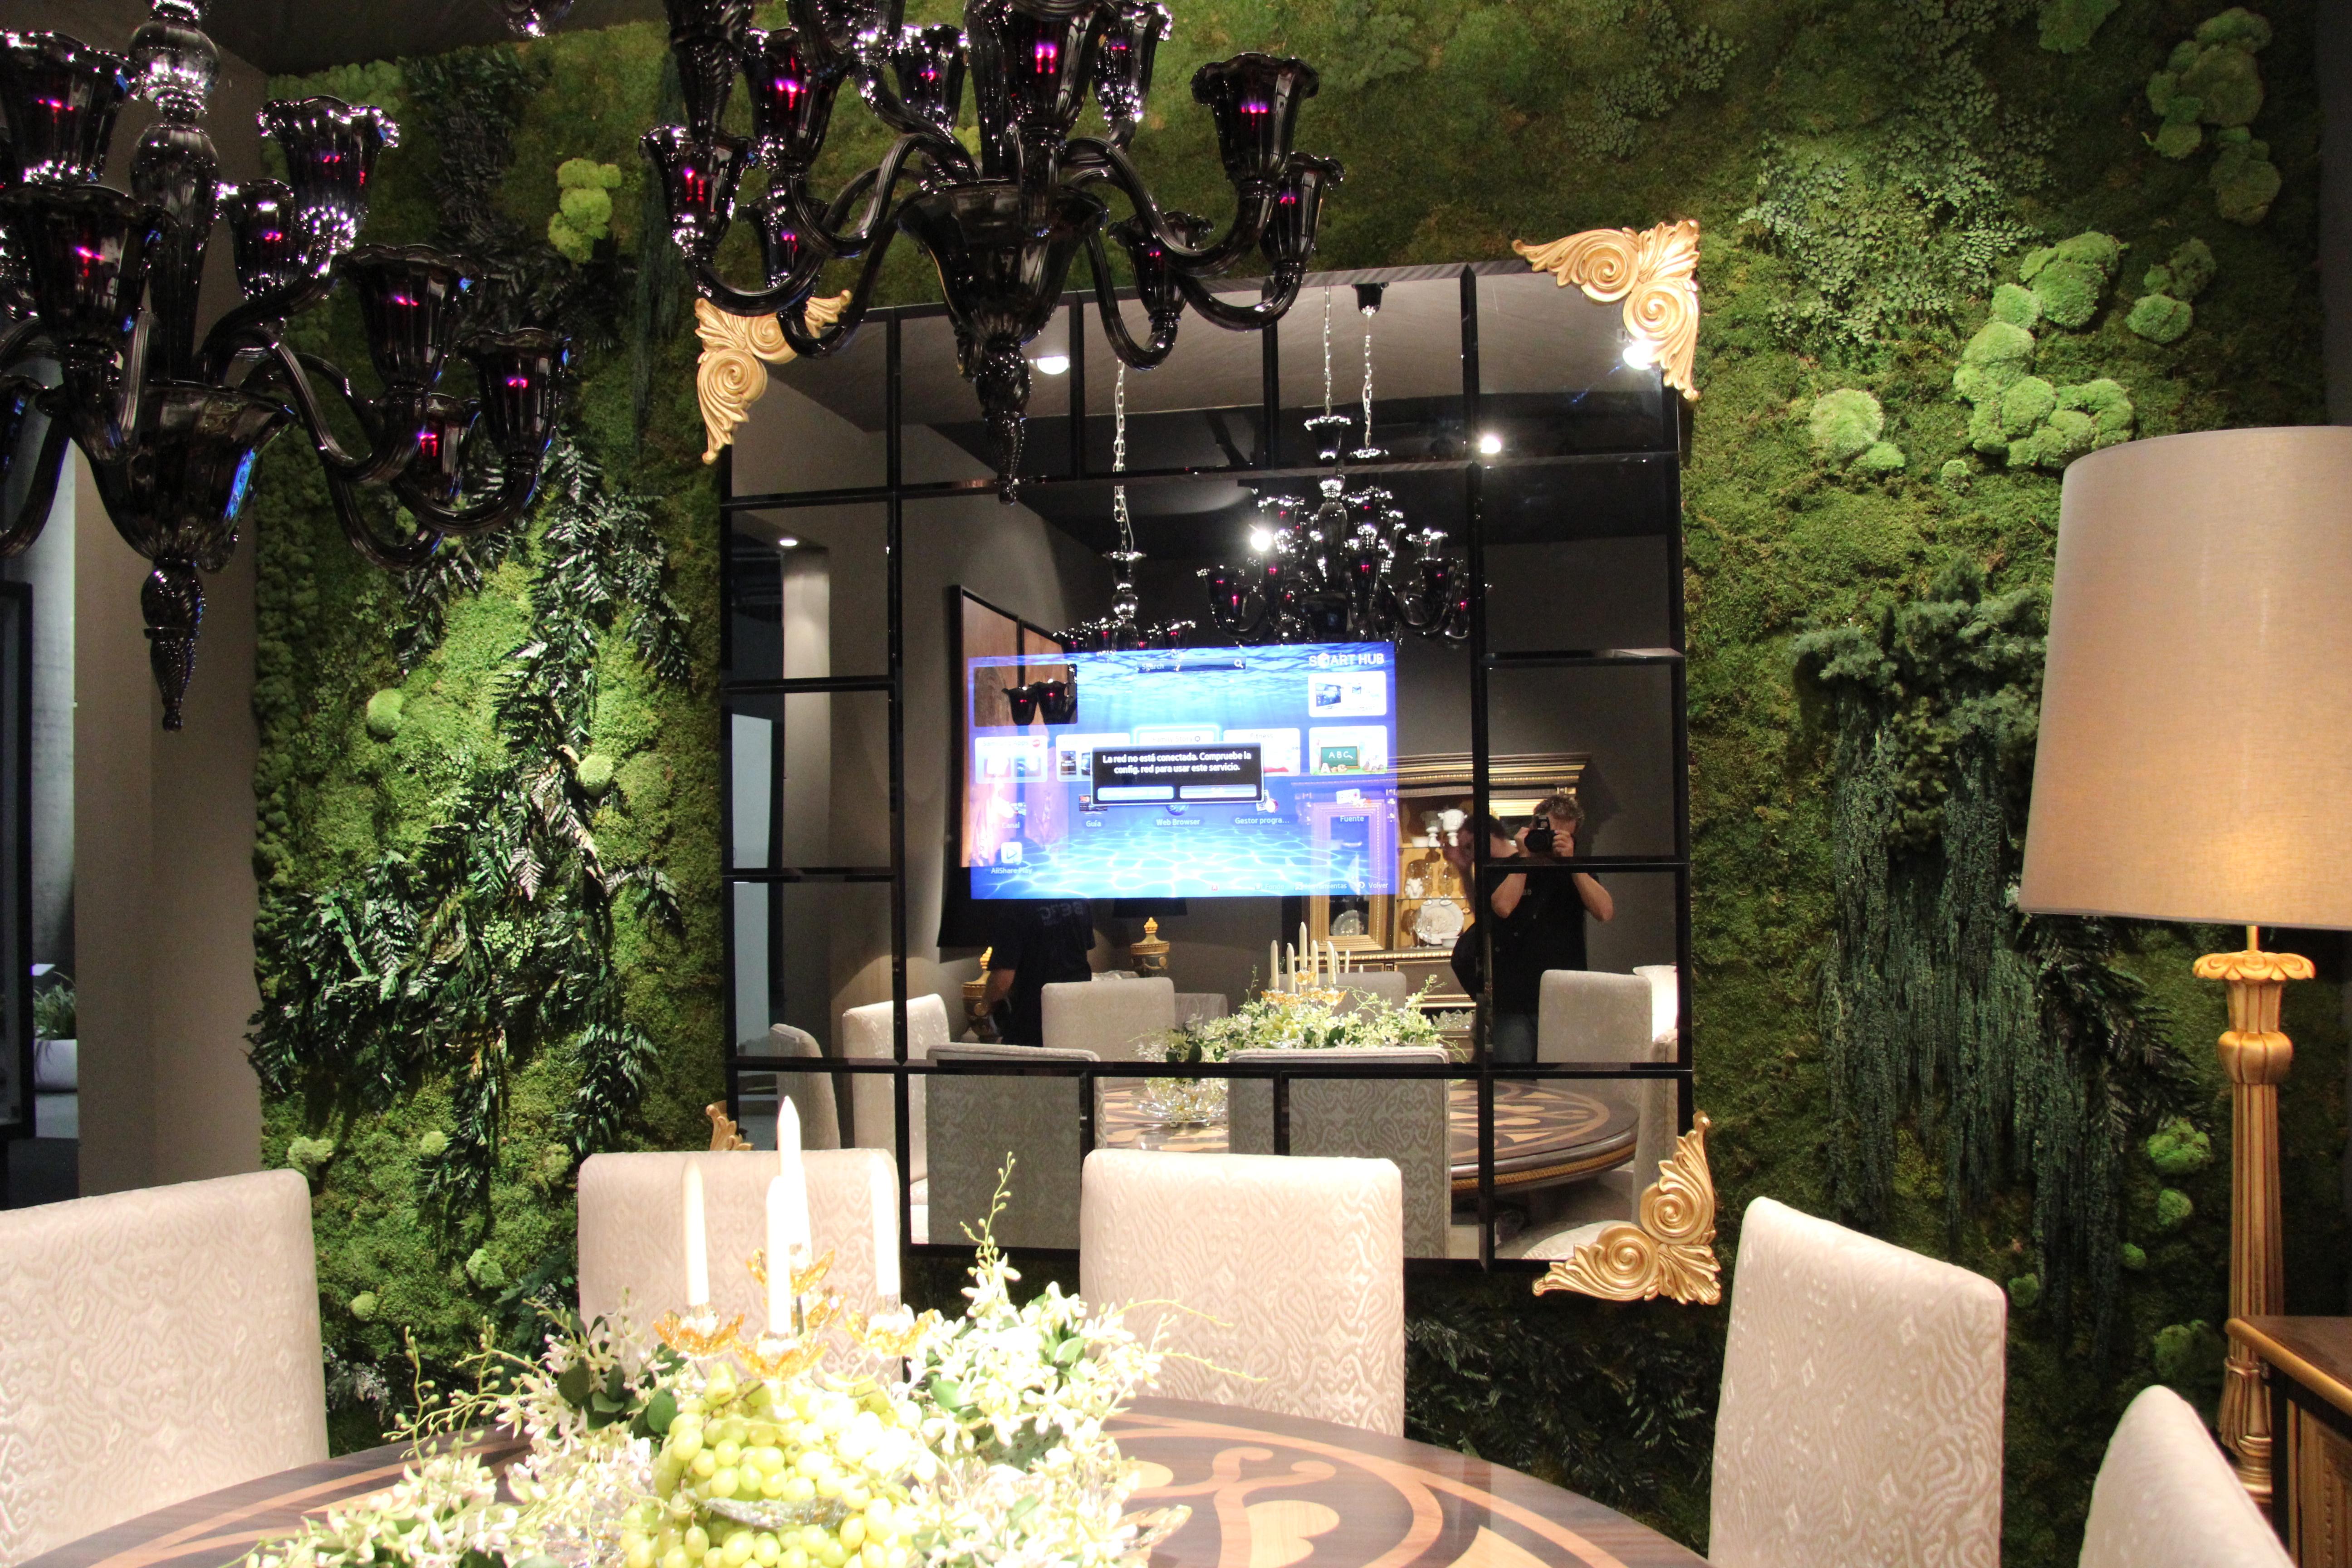 Miralay ®, espejos con televisión integrada. | 10Decoracion